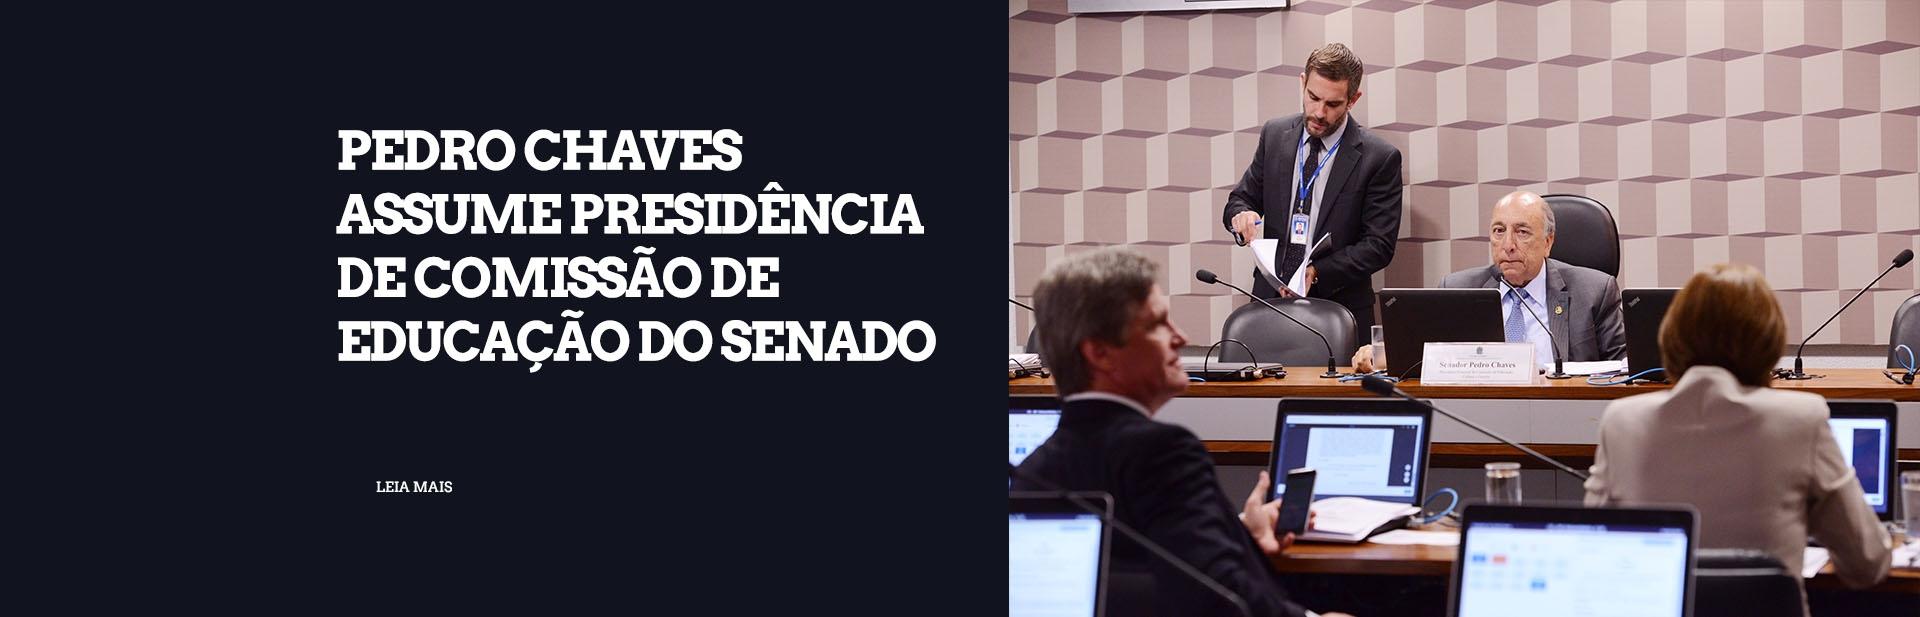 Pedro Chaves assume presidência de Comissão de Educação do Senado